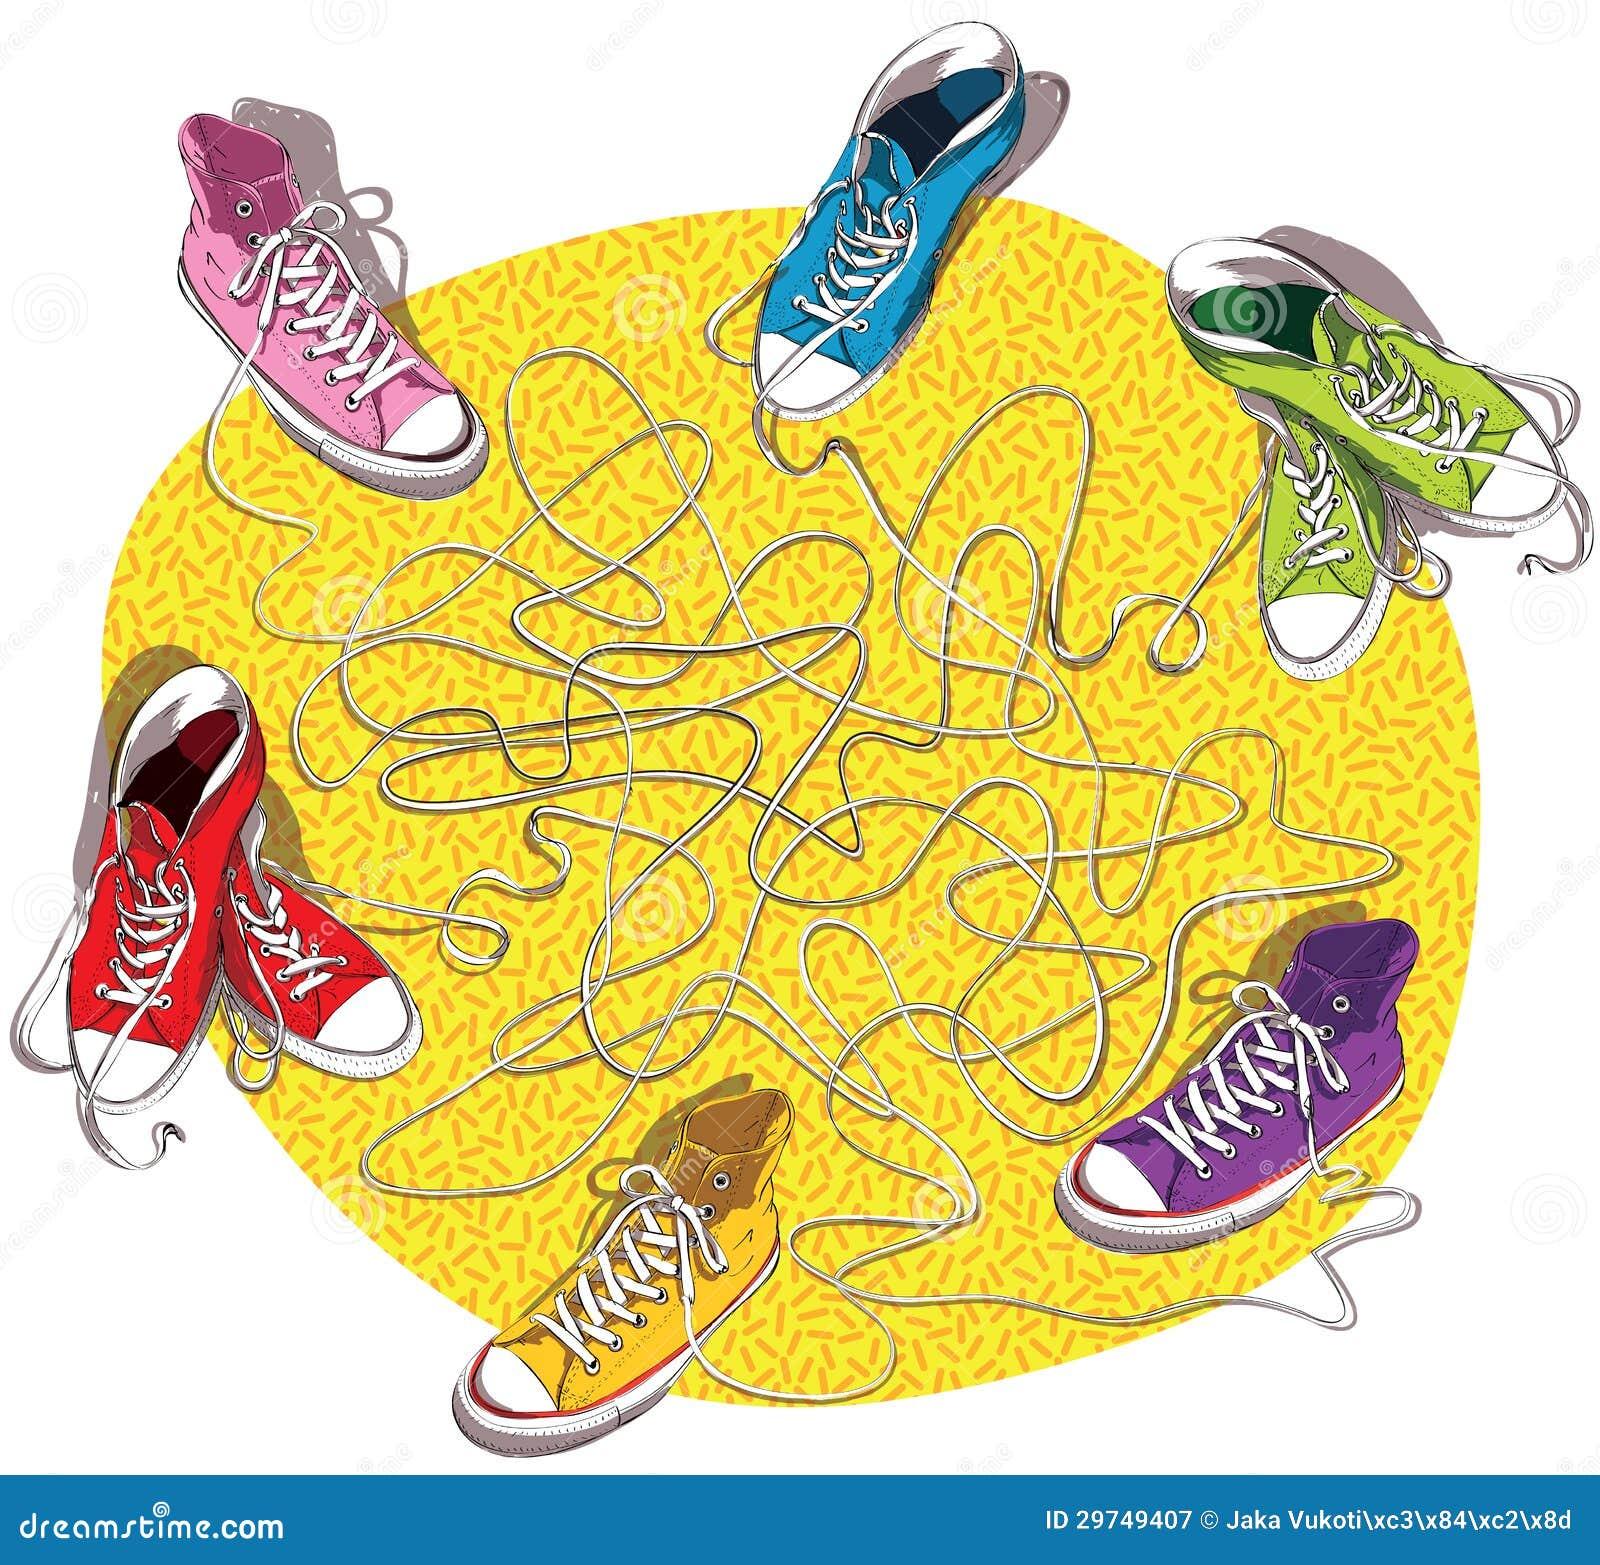 Παιχνίδι λαβυρίνθου πάνινων παπουτσιών